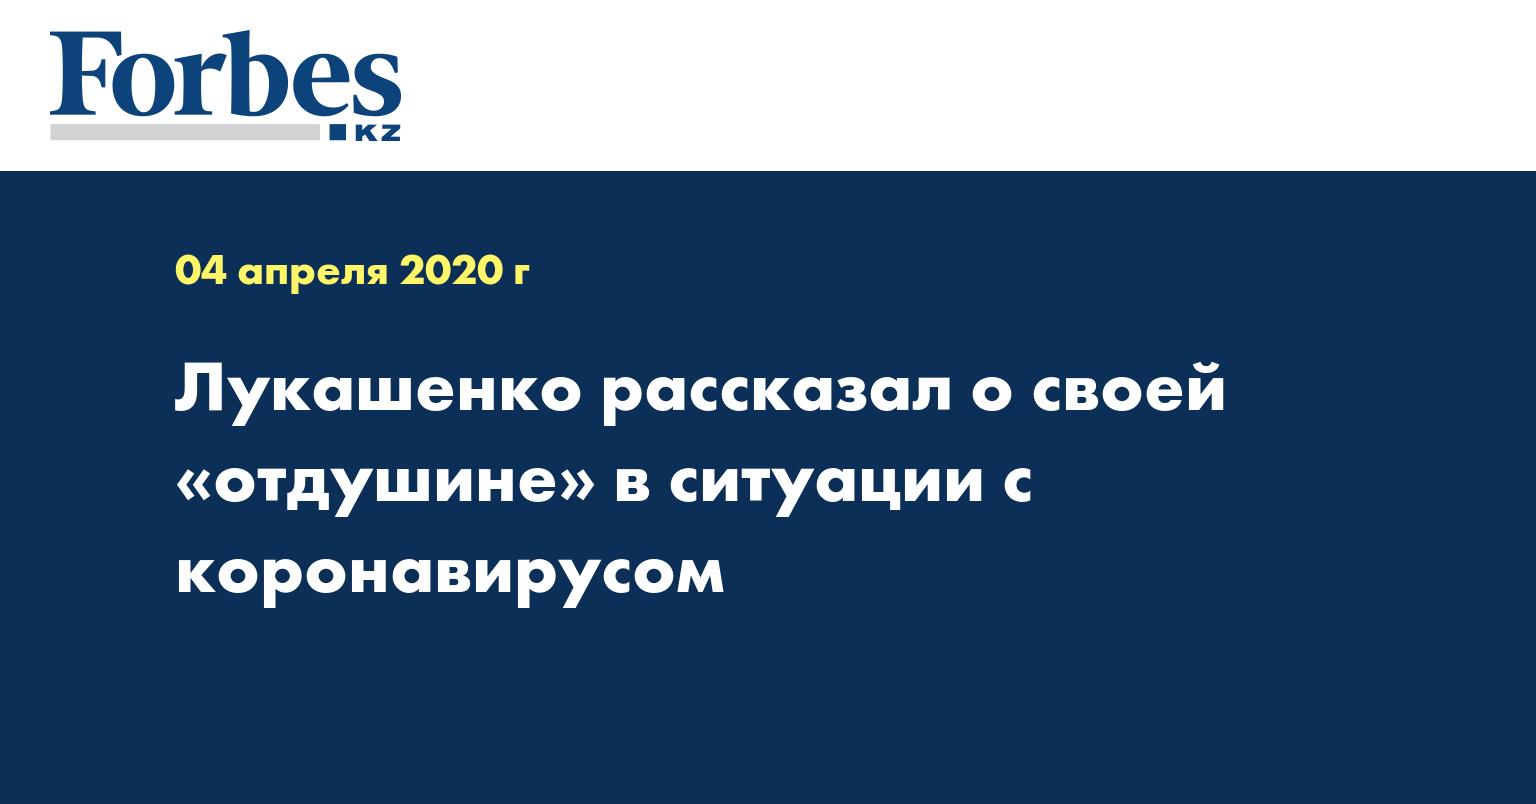 Лукашенко рассказал о своей «отдушине» в ситуации с коронавирусом